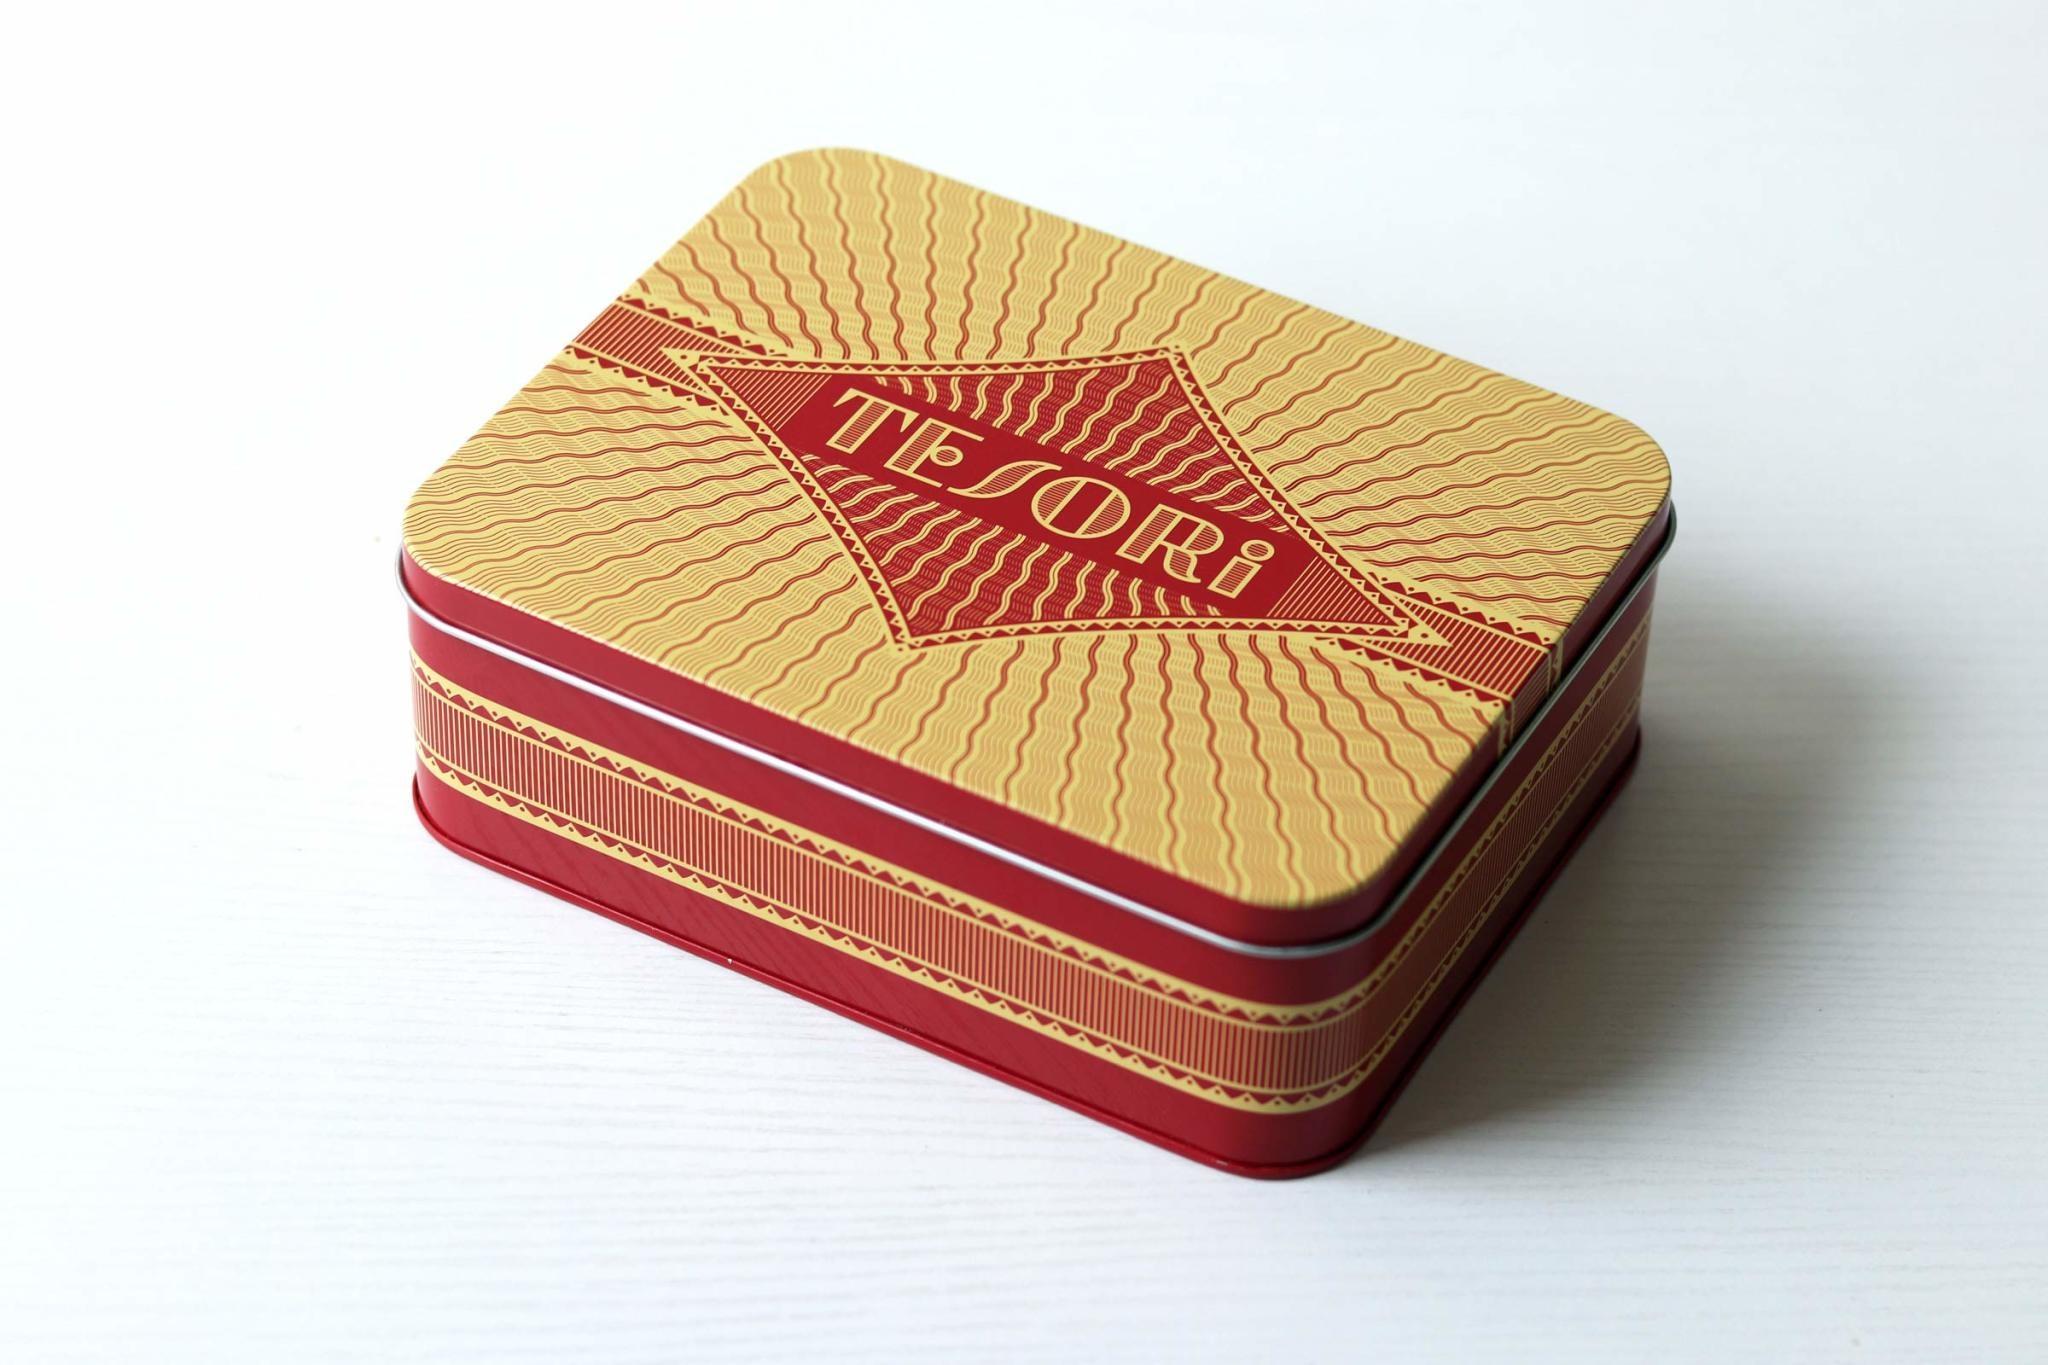 tesori keepsake tins-4